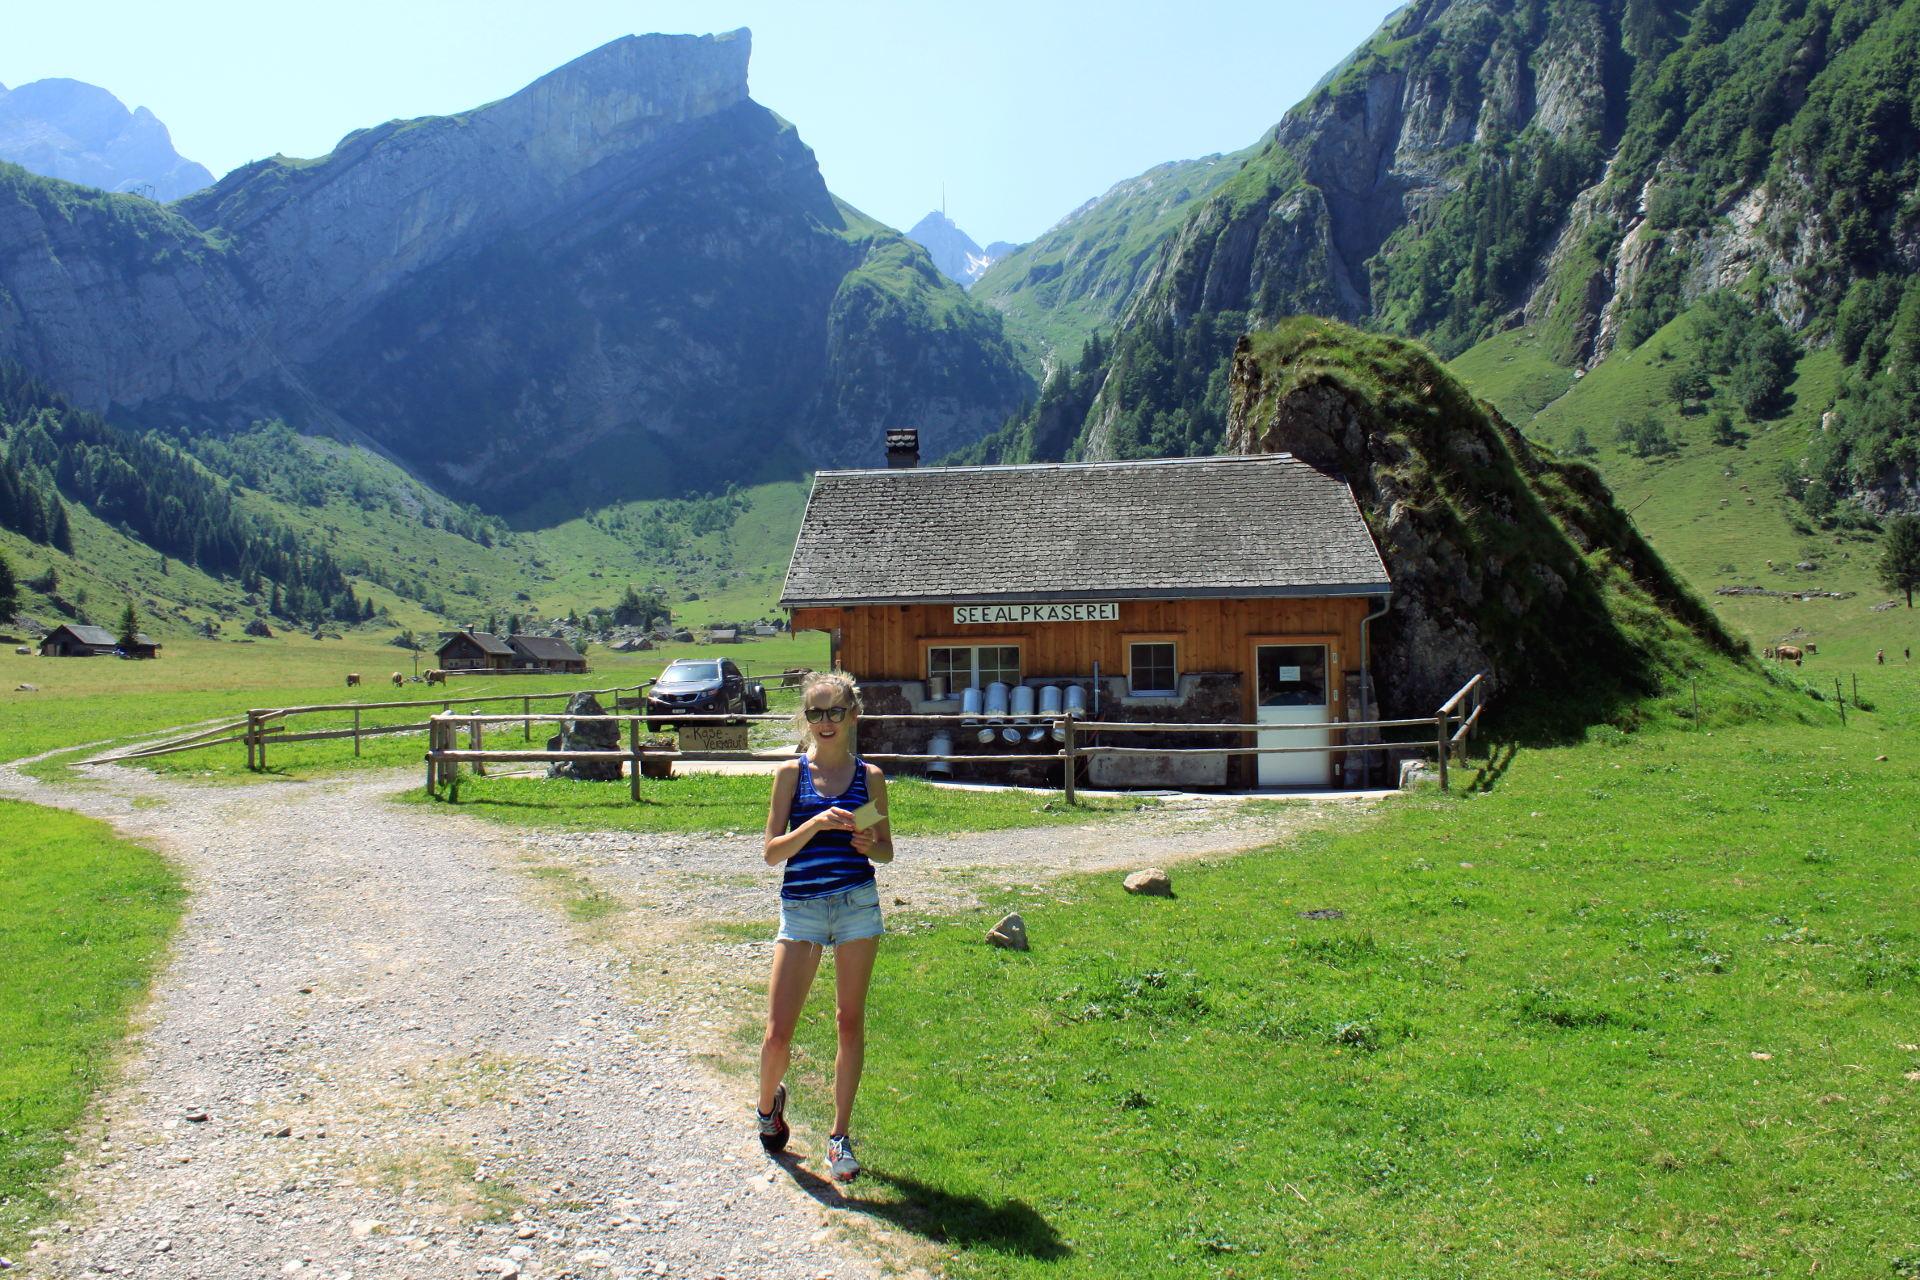 szwajcaria seealpsee appenzeller ser alpy góry iglawpodrozy